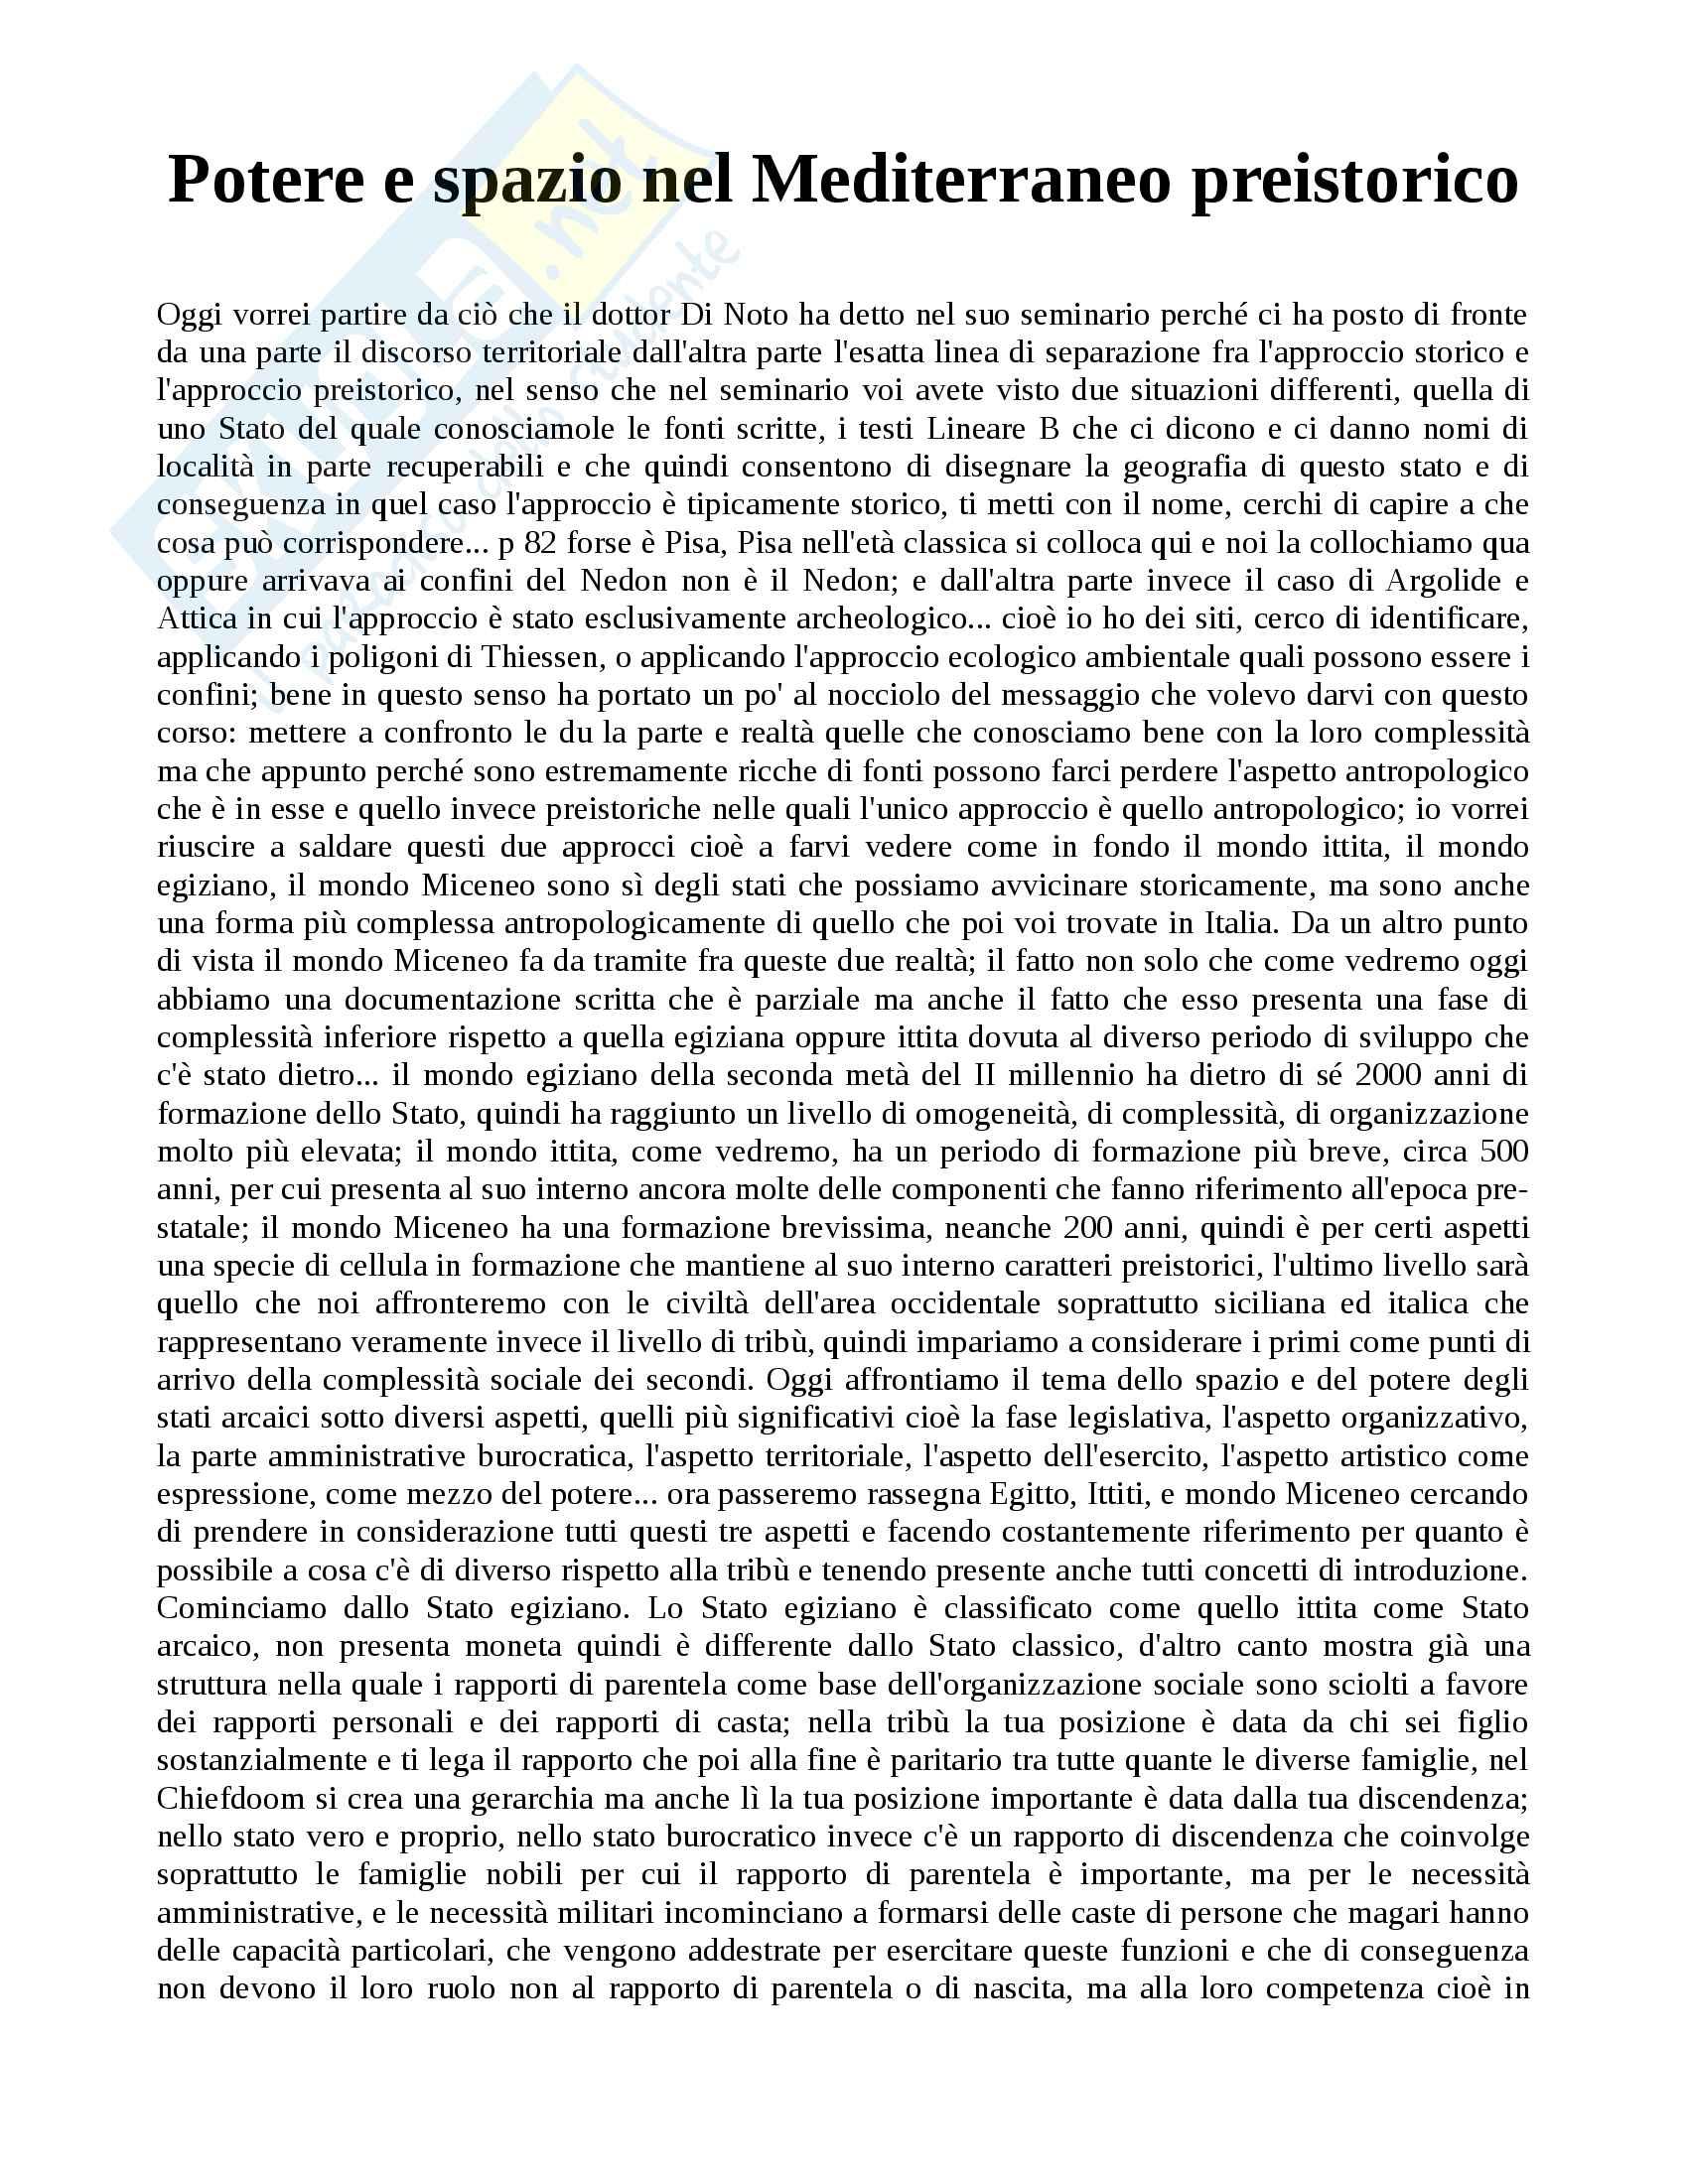 3 Lez Prof Militello Ittiti egizi micenei